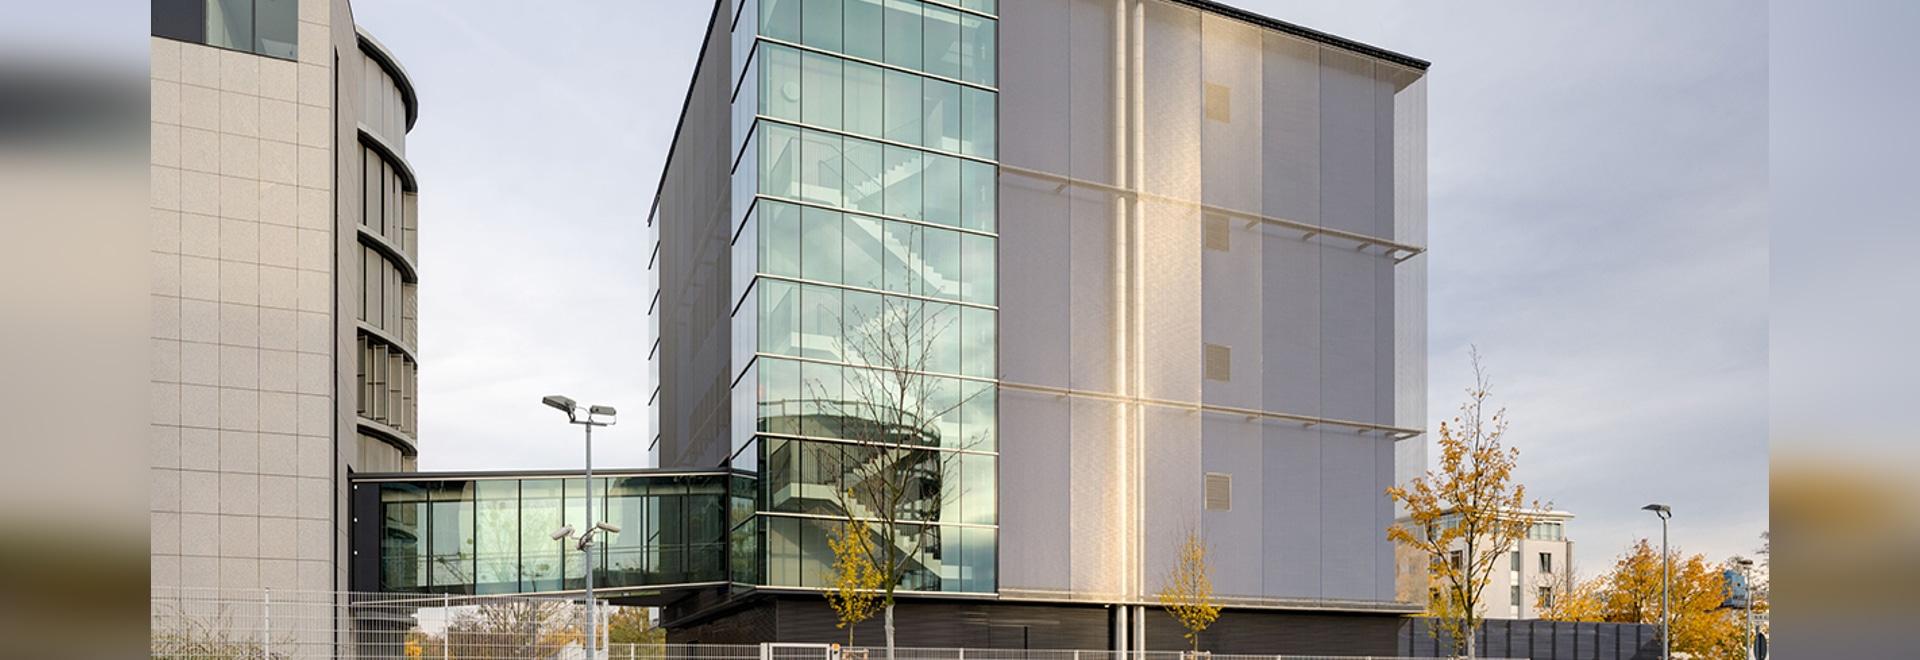 Architectural Mesh Facade Eumetsat